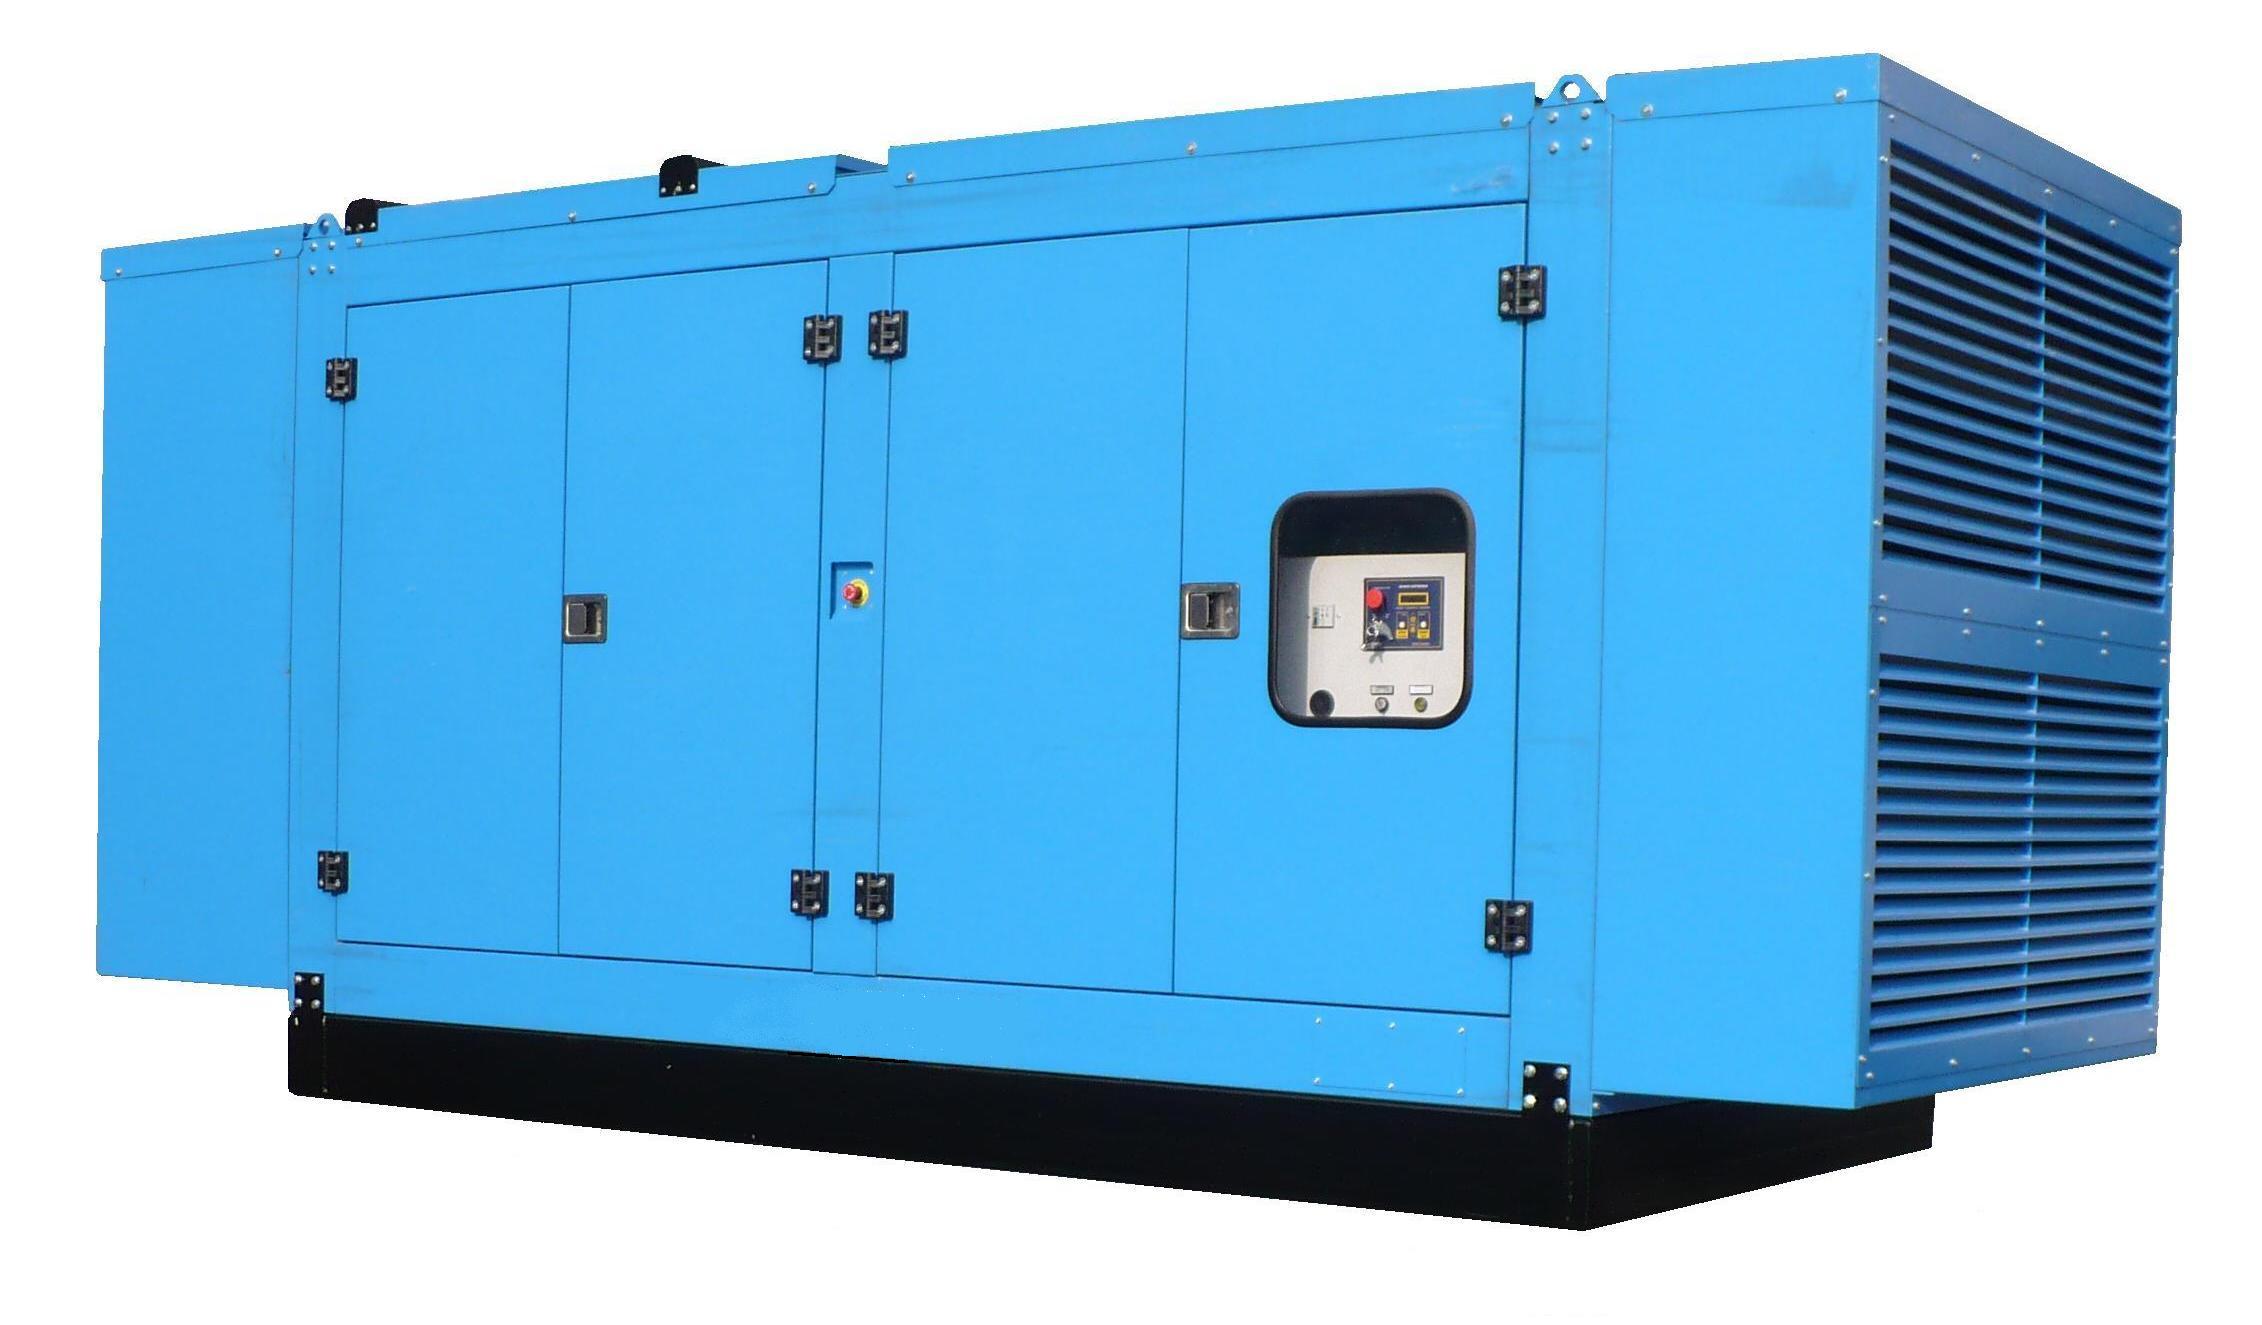 Дизельные электростанции ENERGY (Италия) с двигателем Perkins мощностью от 8кВт до 1800кВт.